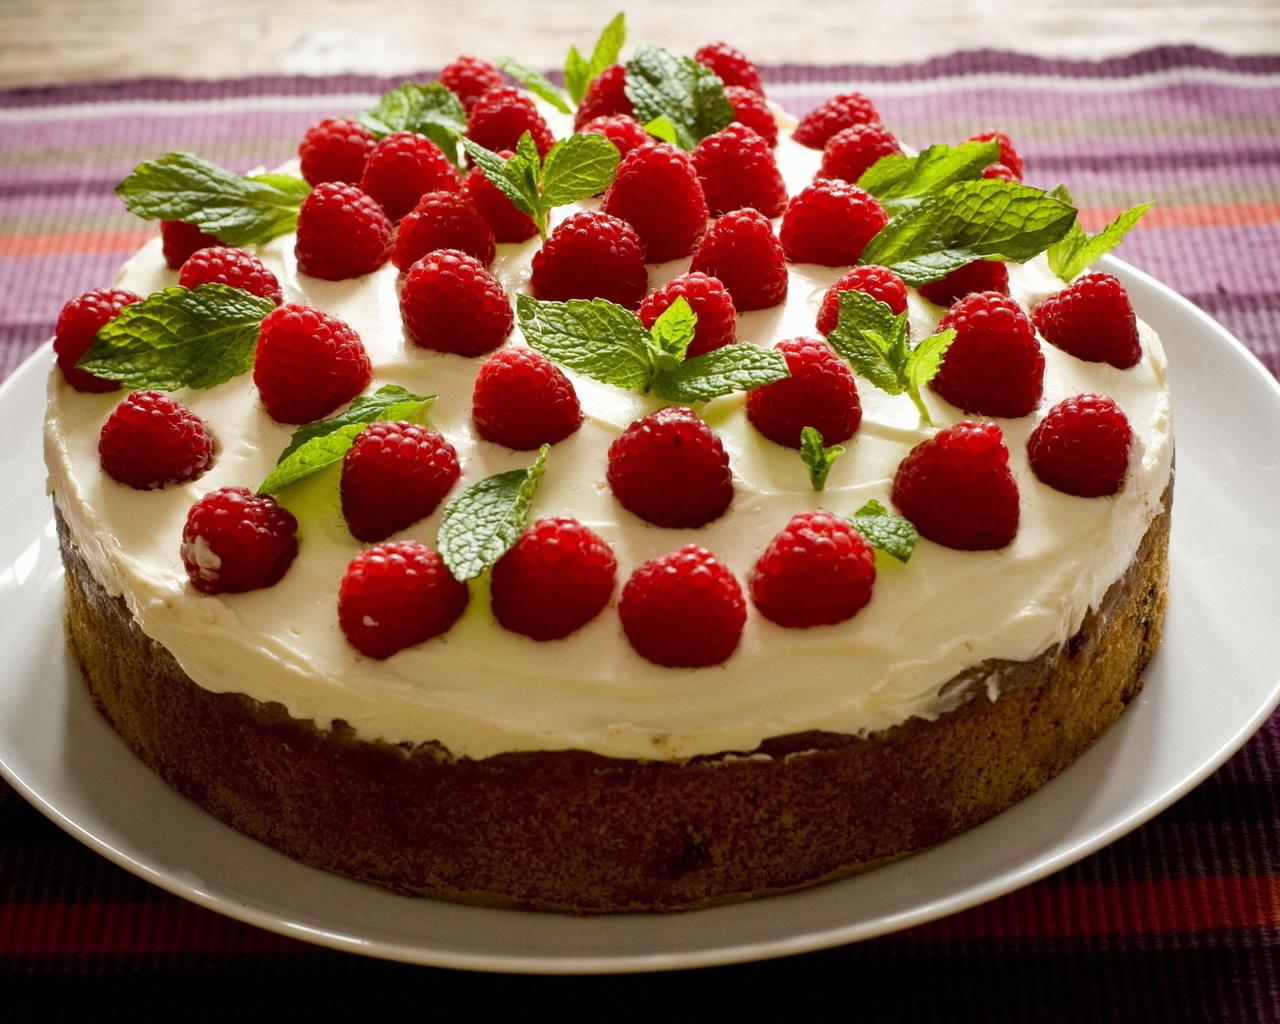 Фото день торта